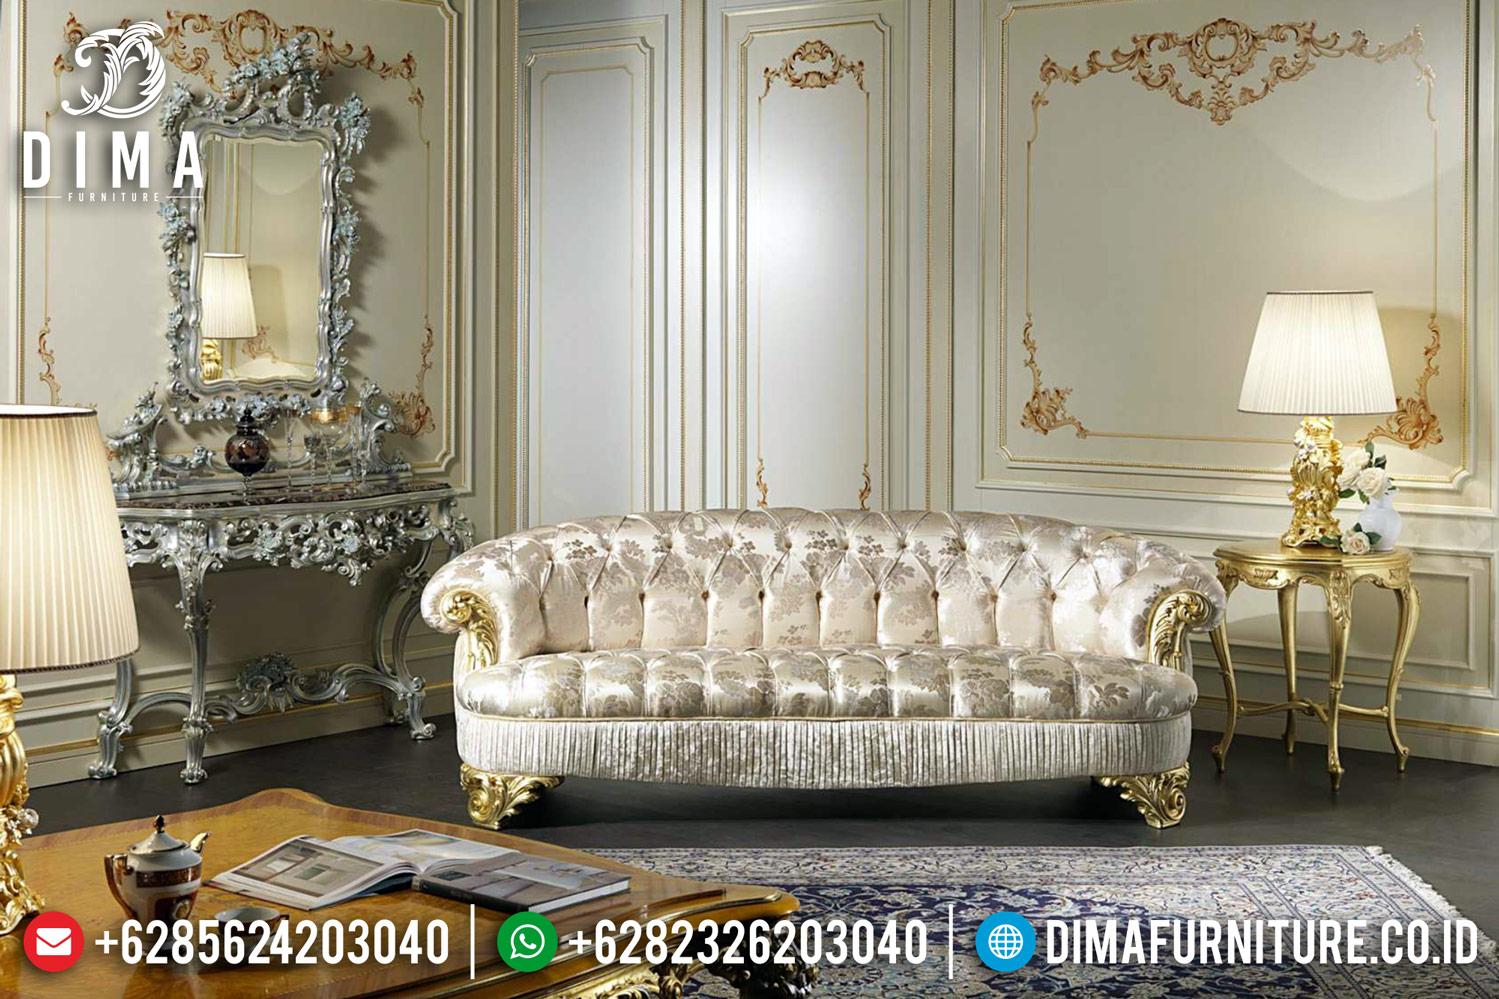 Desain Sofa Tamu Jepara Mewah 3 Dudukan Ukiran BT-0408